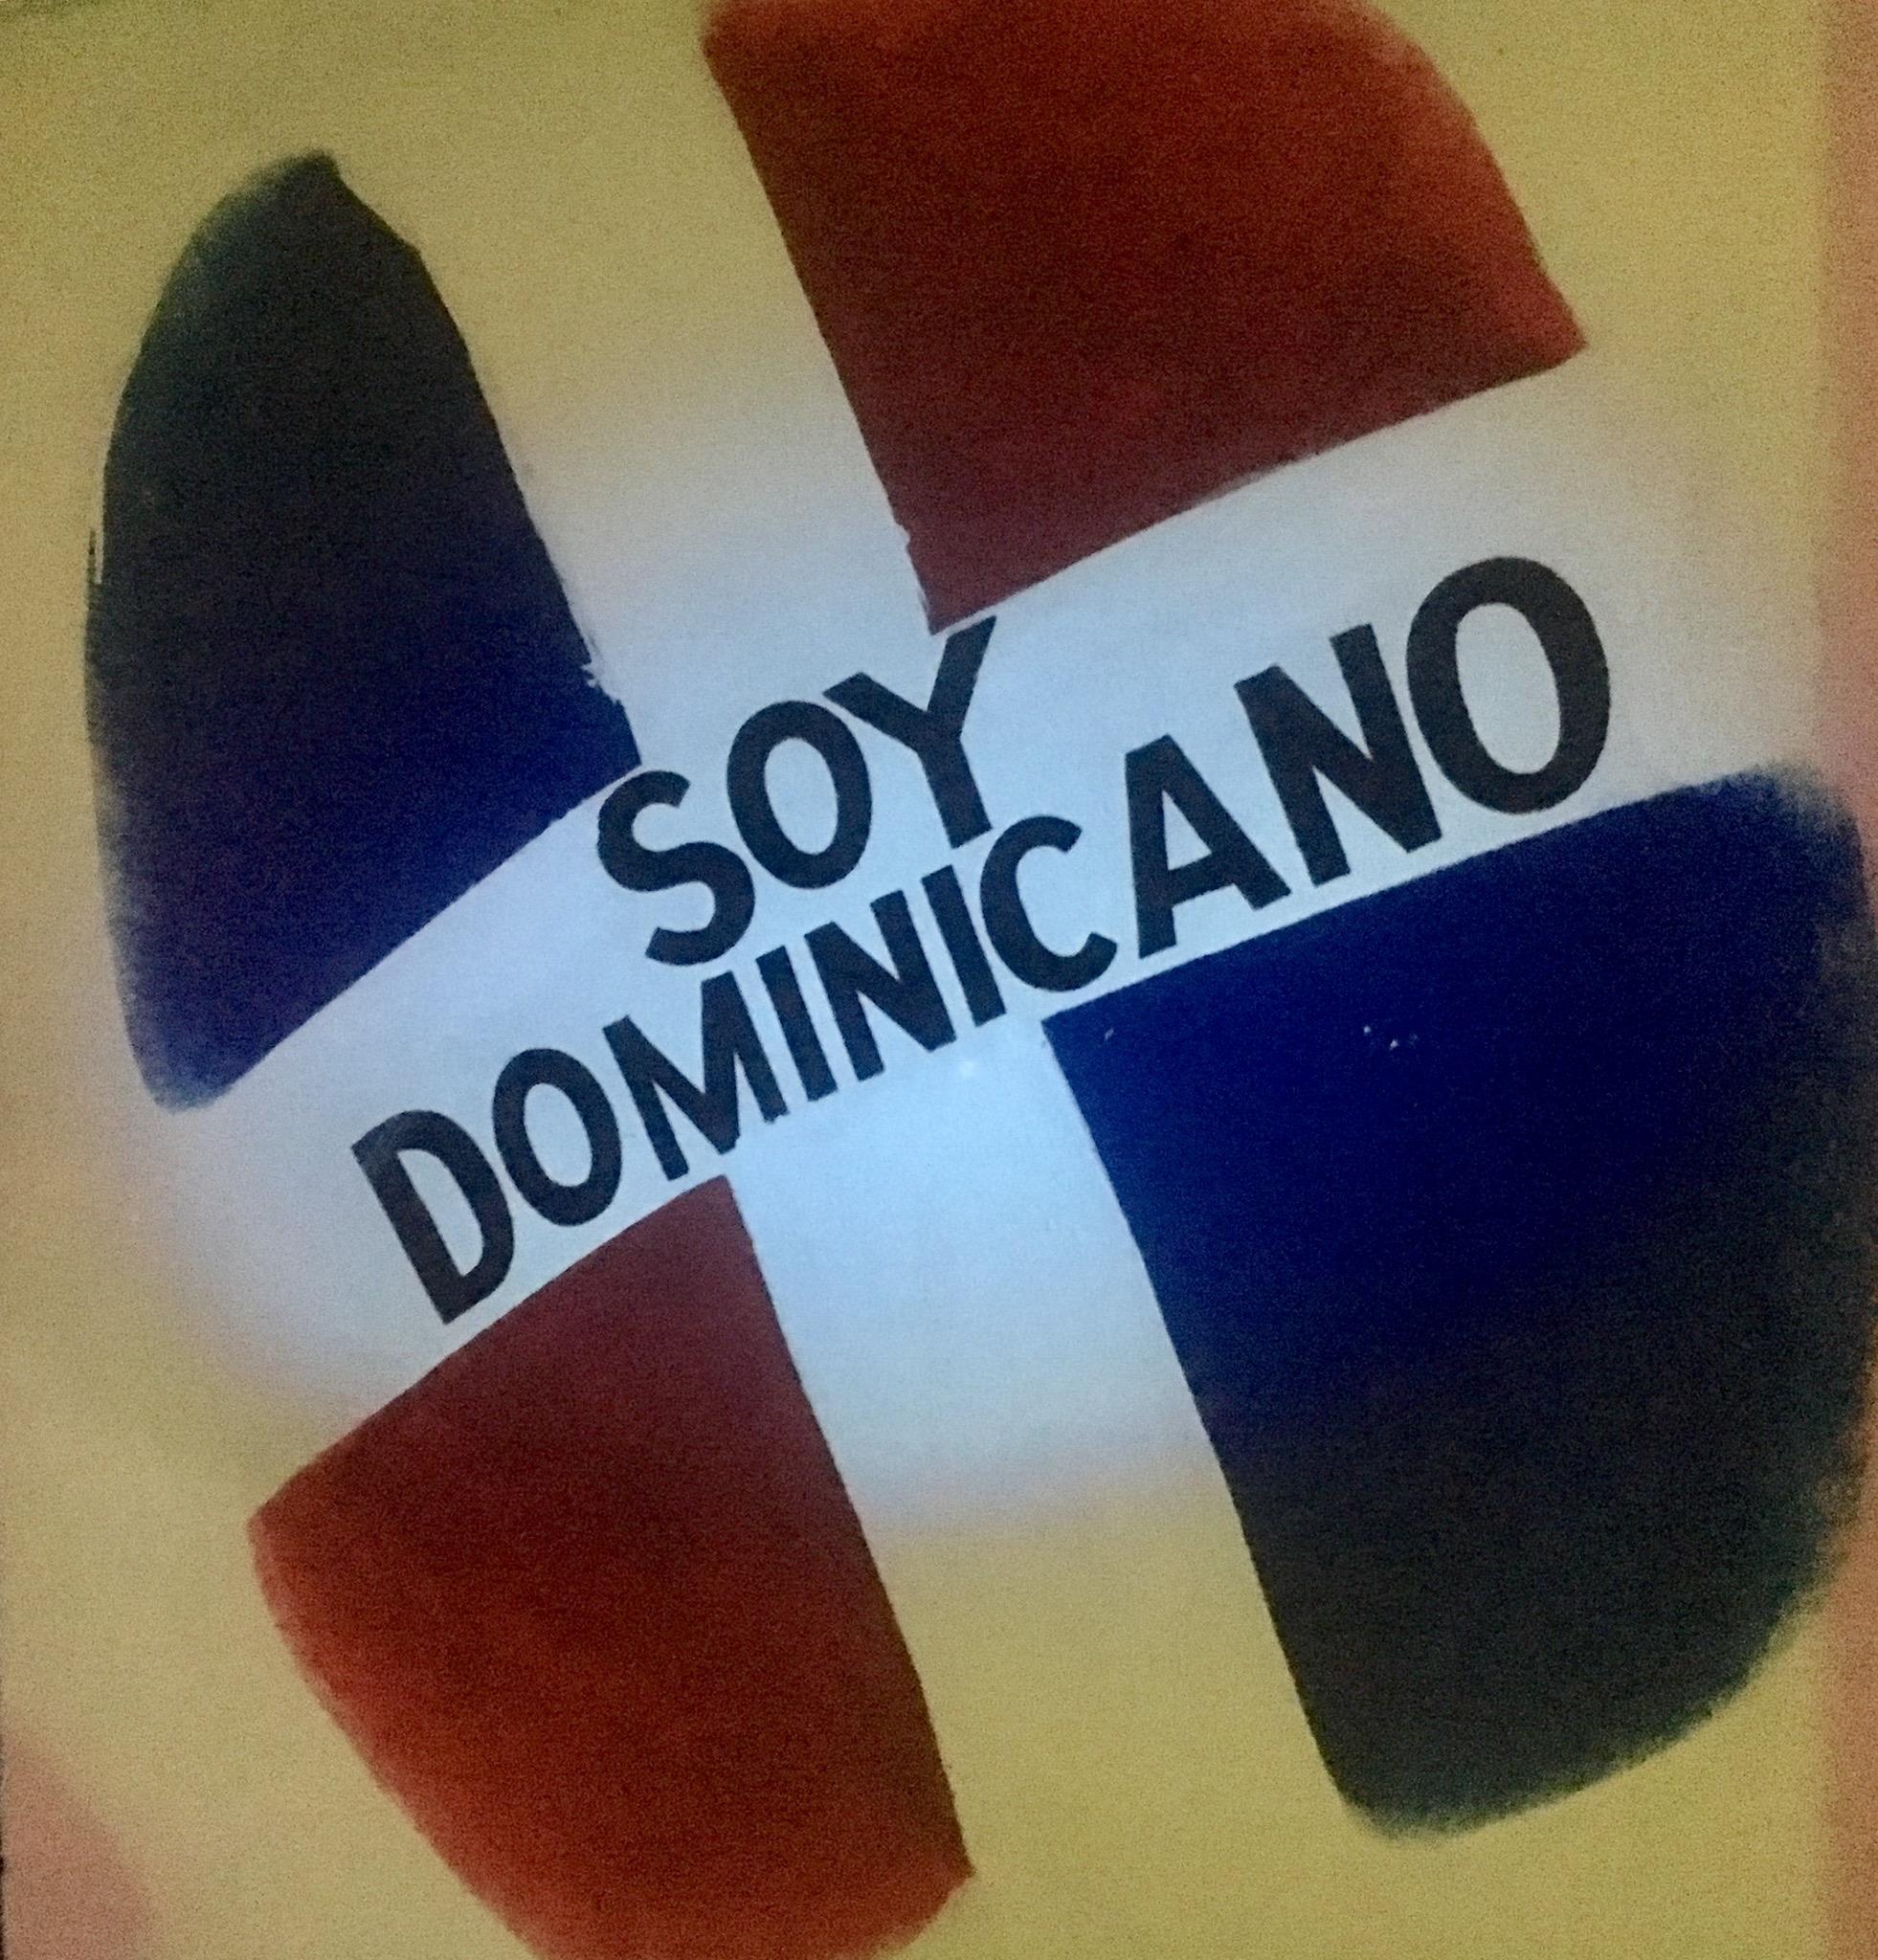 soydominicano.jpg